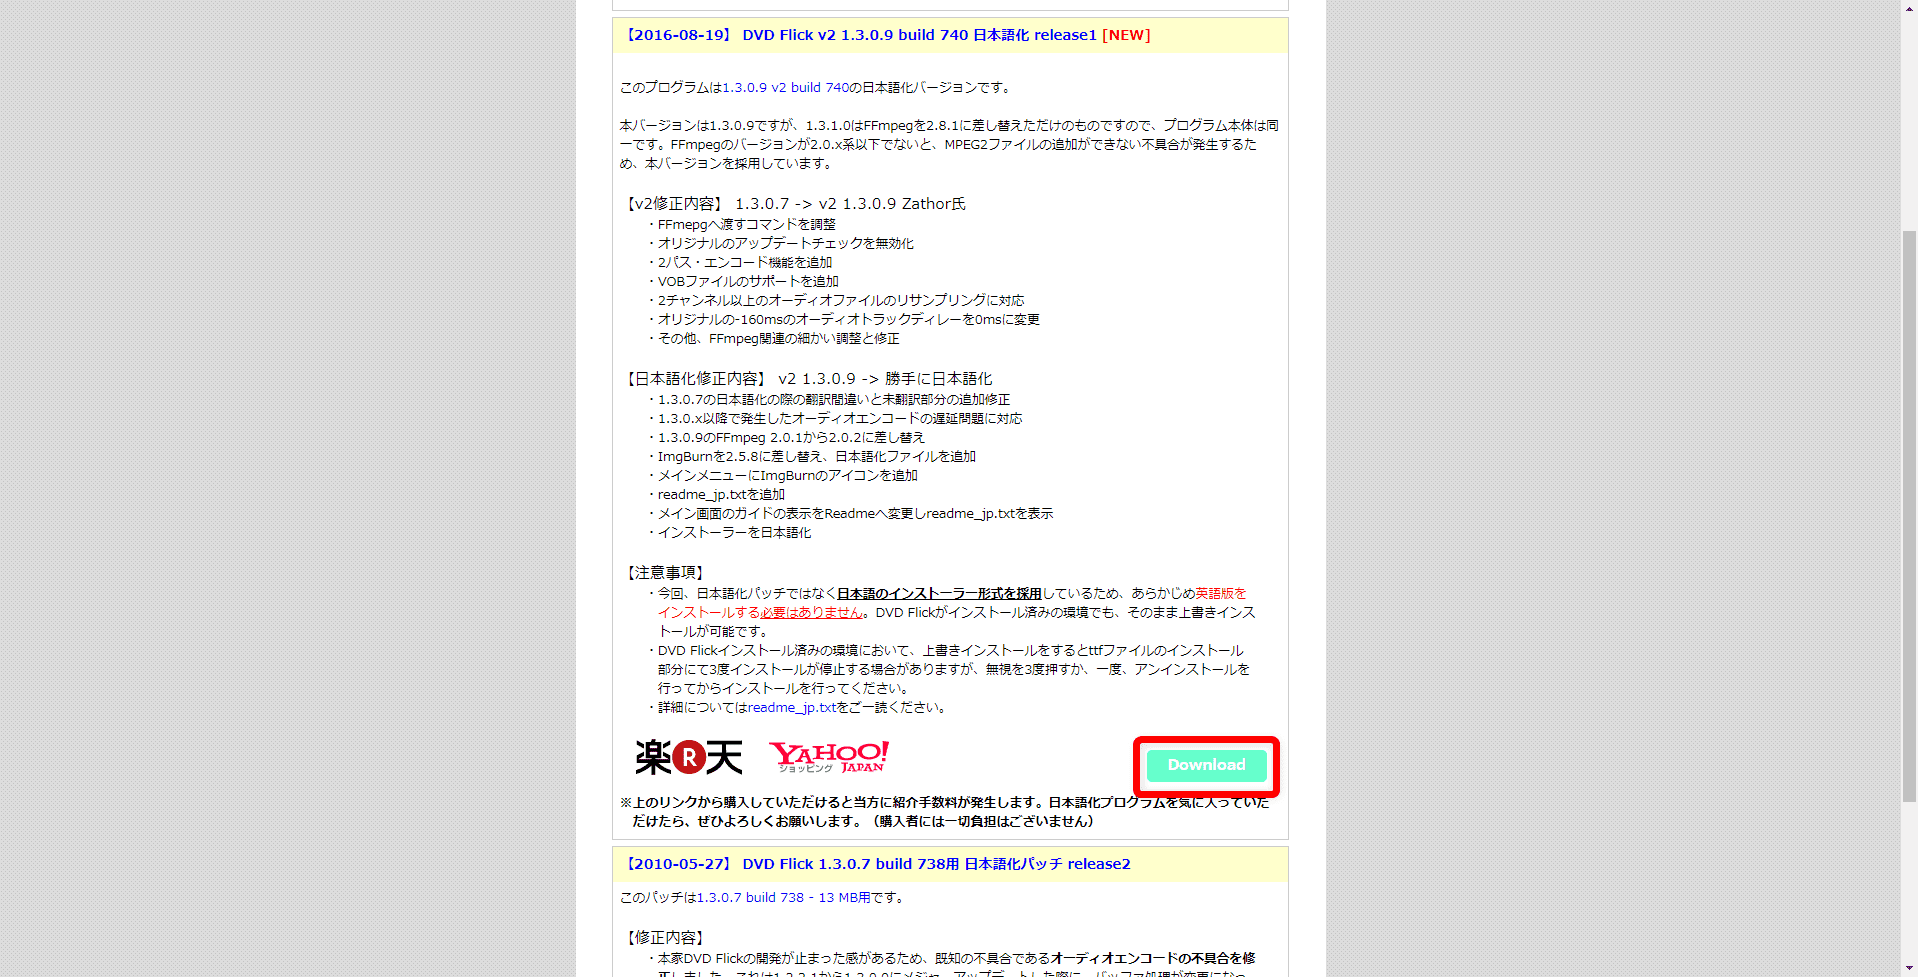 【DVD Flickの使い方】MP4などの動画データをメニュー機能付きでDVD-Rに焼ける!無料で使えるDVDオーサリングソフト「DVD Flick」の使い方|ソフトをインストールする:「ダウンロード」タブが表示されたら、少し下にスクロールして薄いエメラルドグリーン?のような色の「Download」ボタンをクリックしましょう。